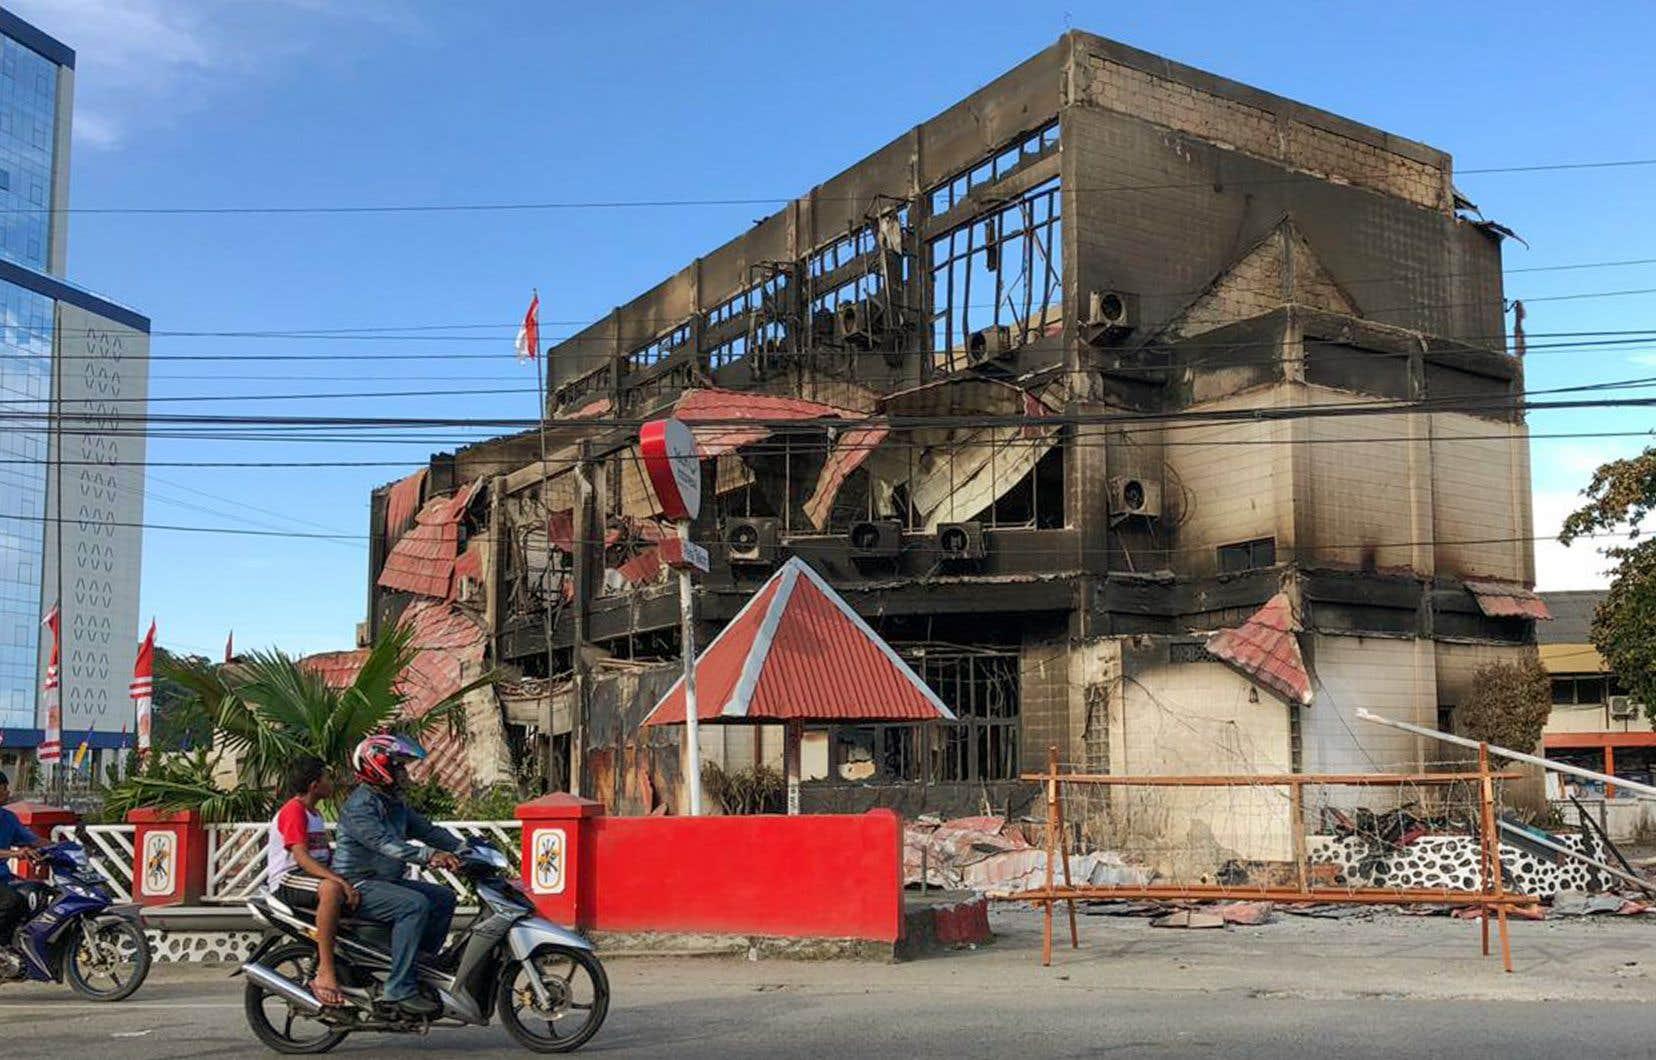 Depuis le 19 août, des manifestations se succèdent dans les villes de Papouasie, certaines dégénérant en émeutes avec des bâtiments incendiés.